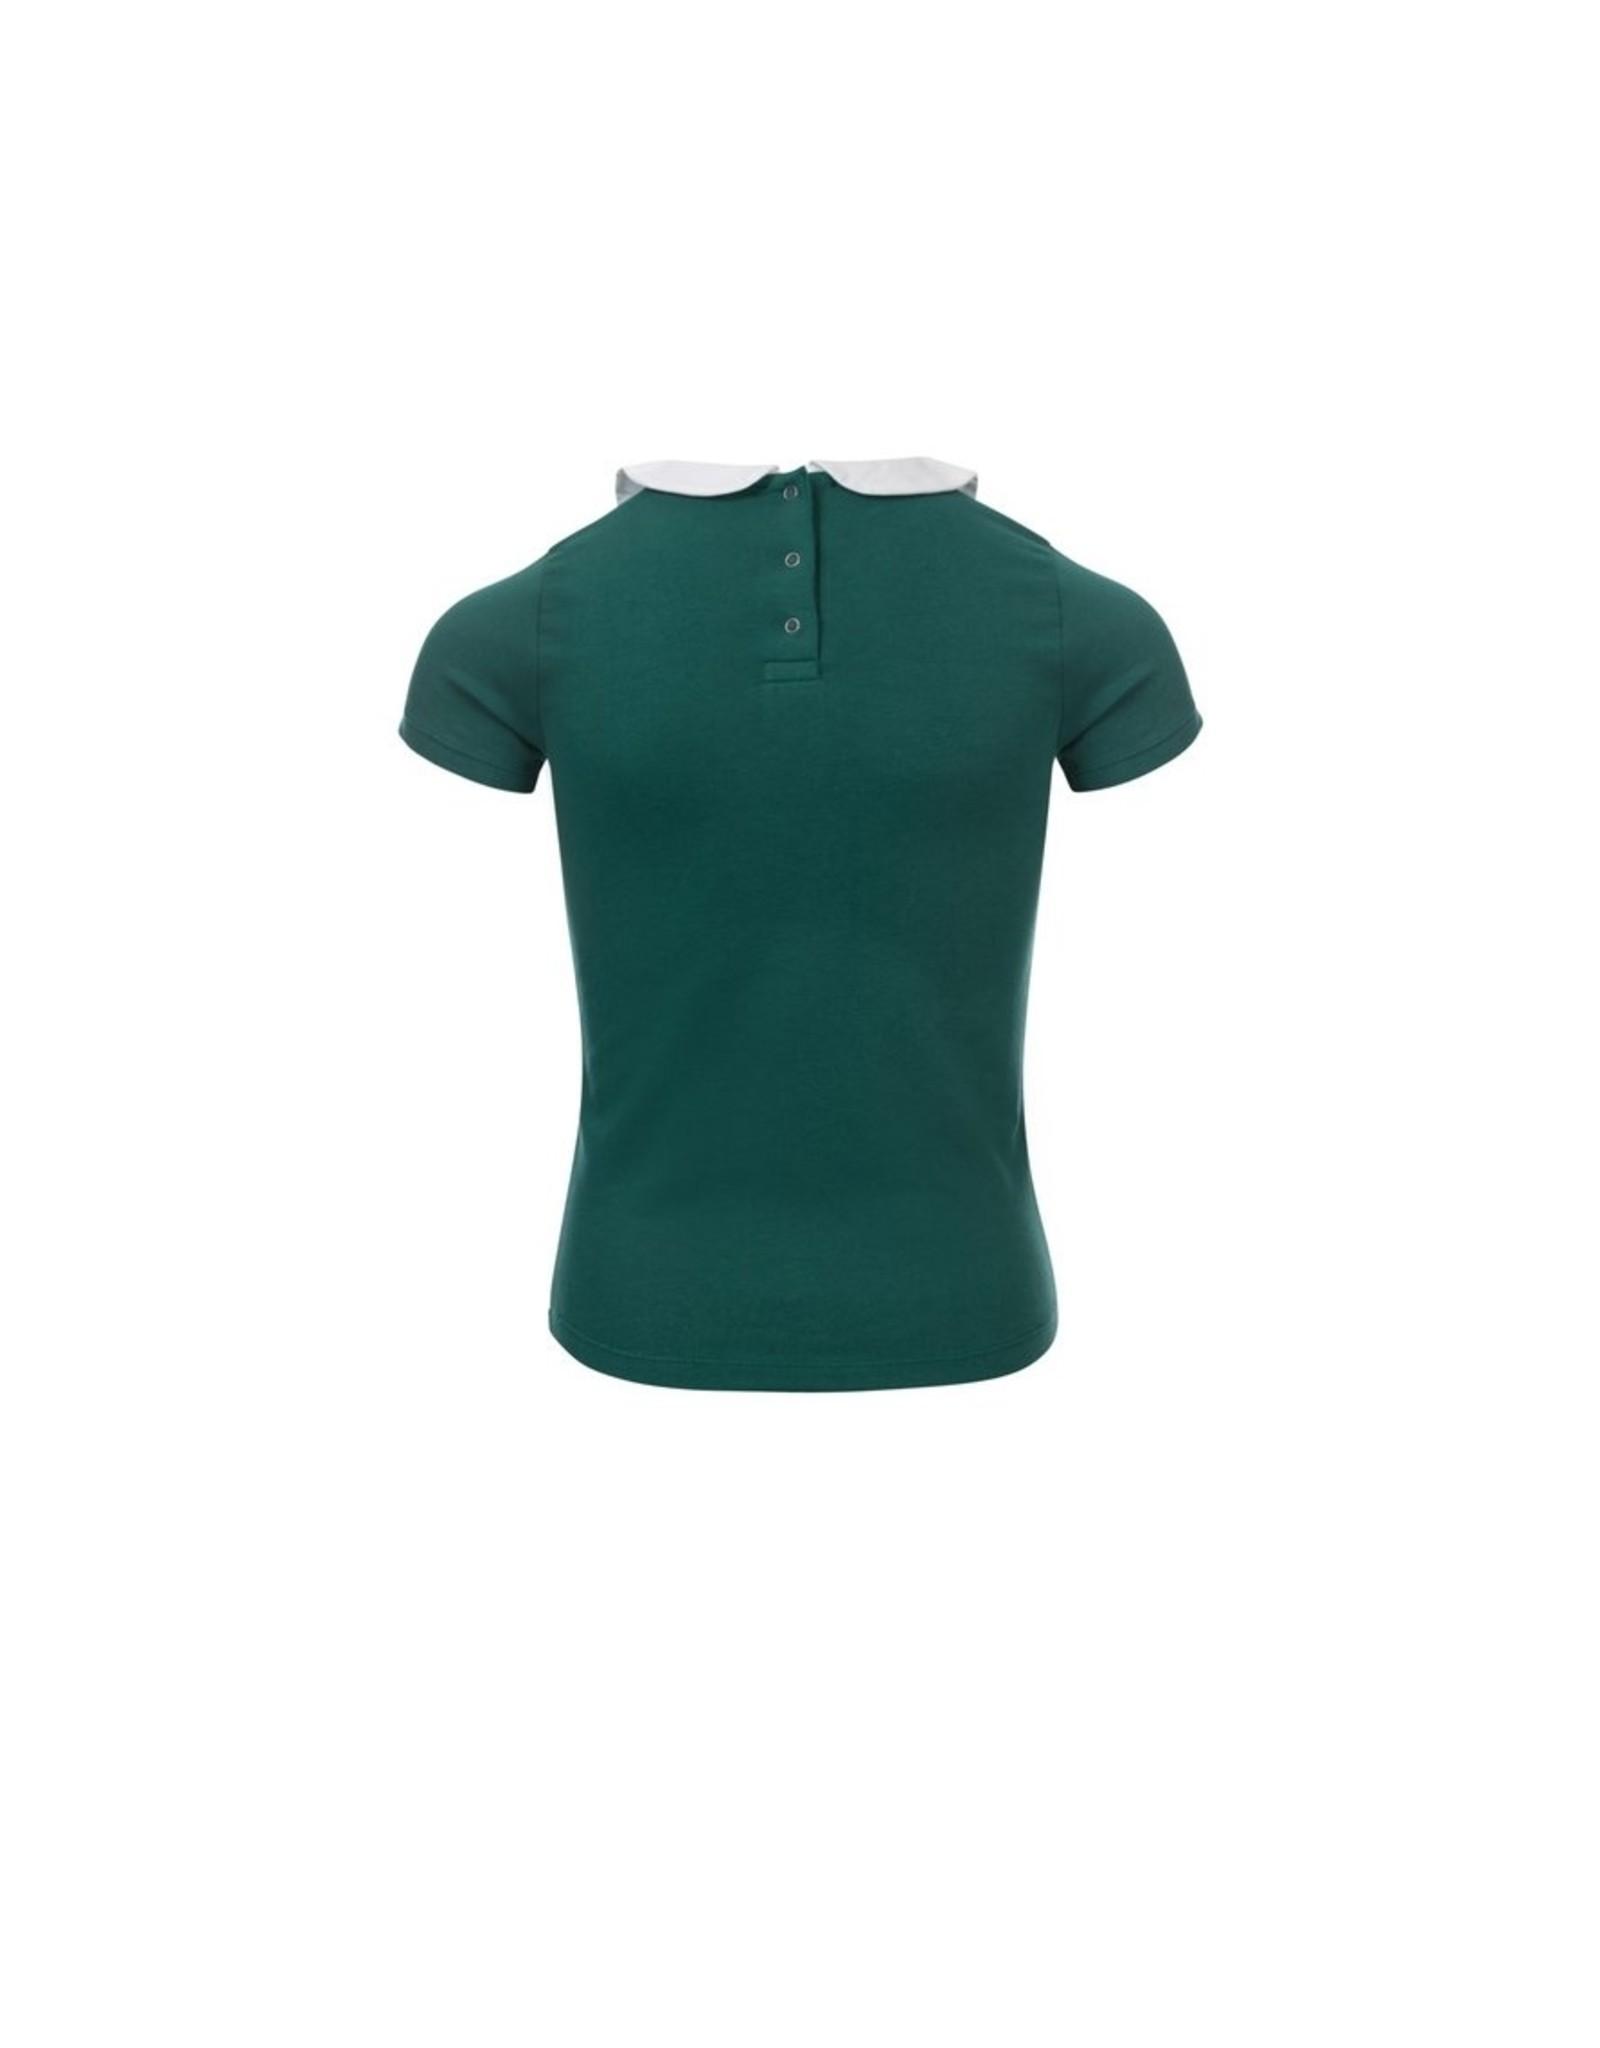 LOOXS Little Little collar t-shirt s.s, palm